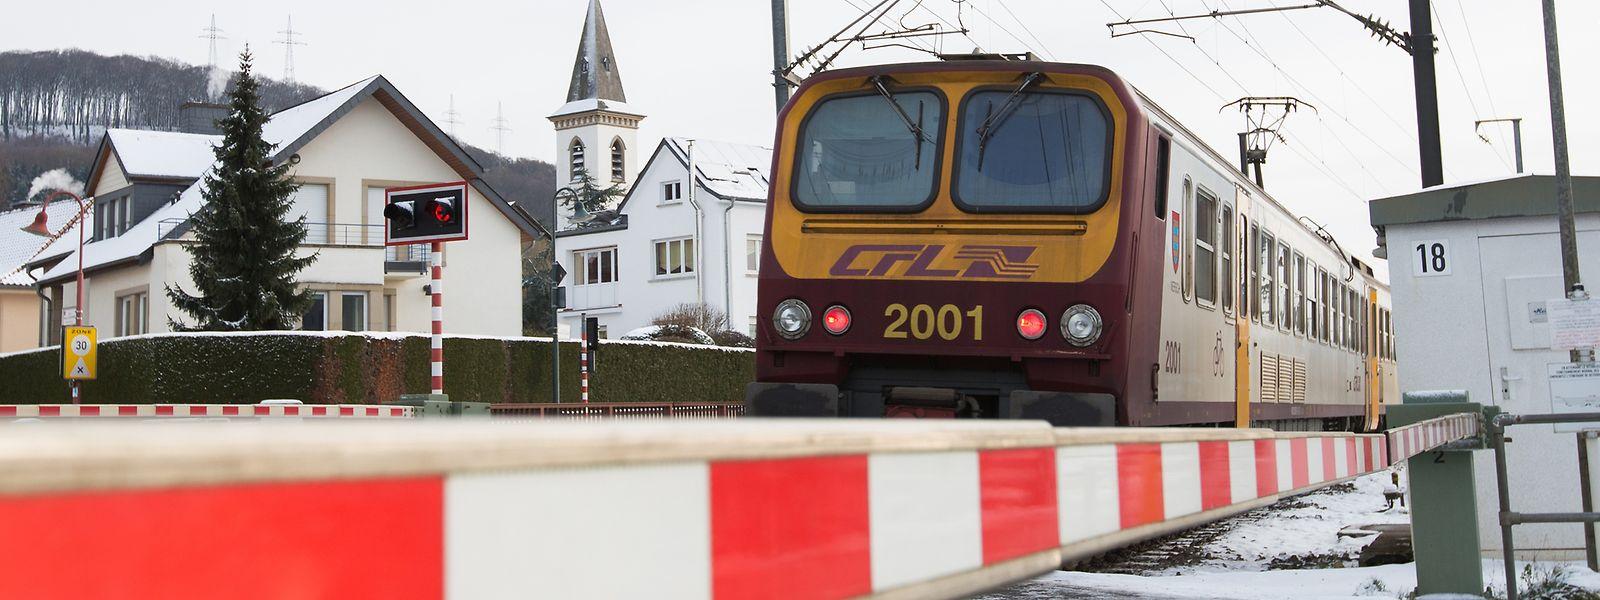 Seuls les passagers de la liaison Longwy-Luxembourg ne subiront pas de grève, aujourd'hui et tout le week-end.